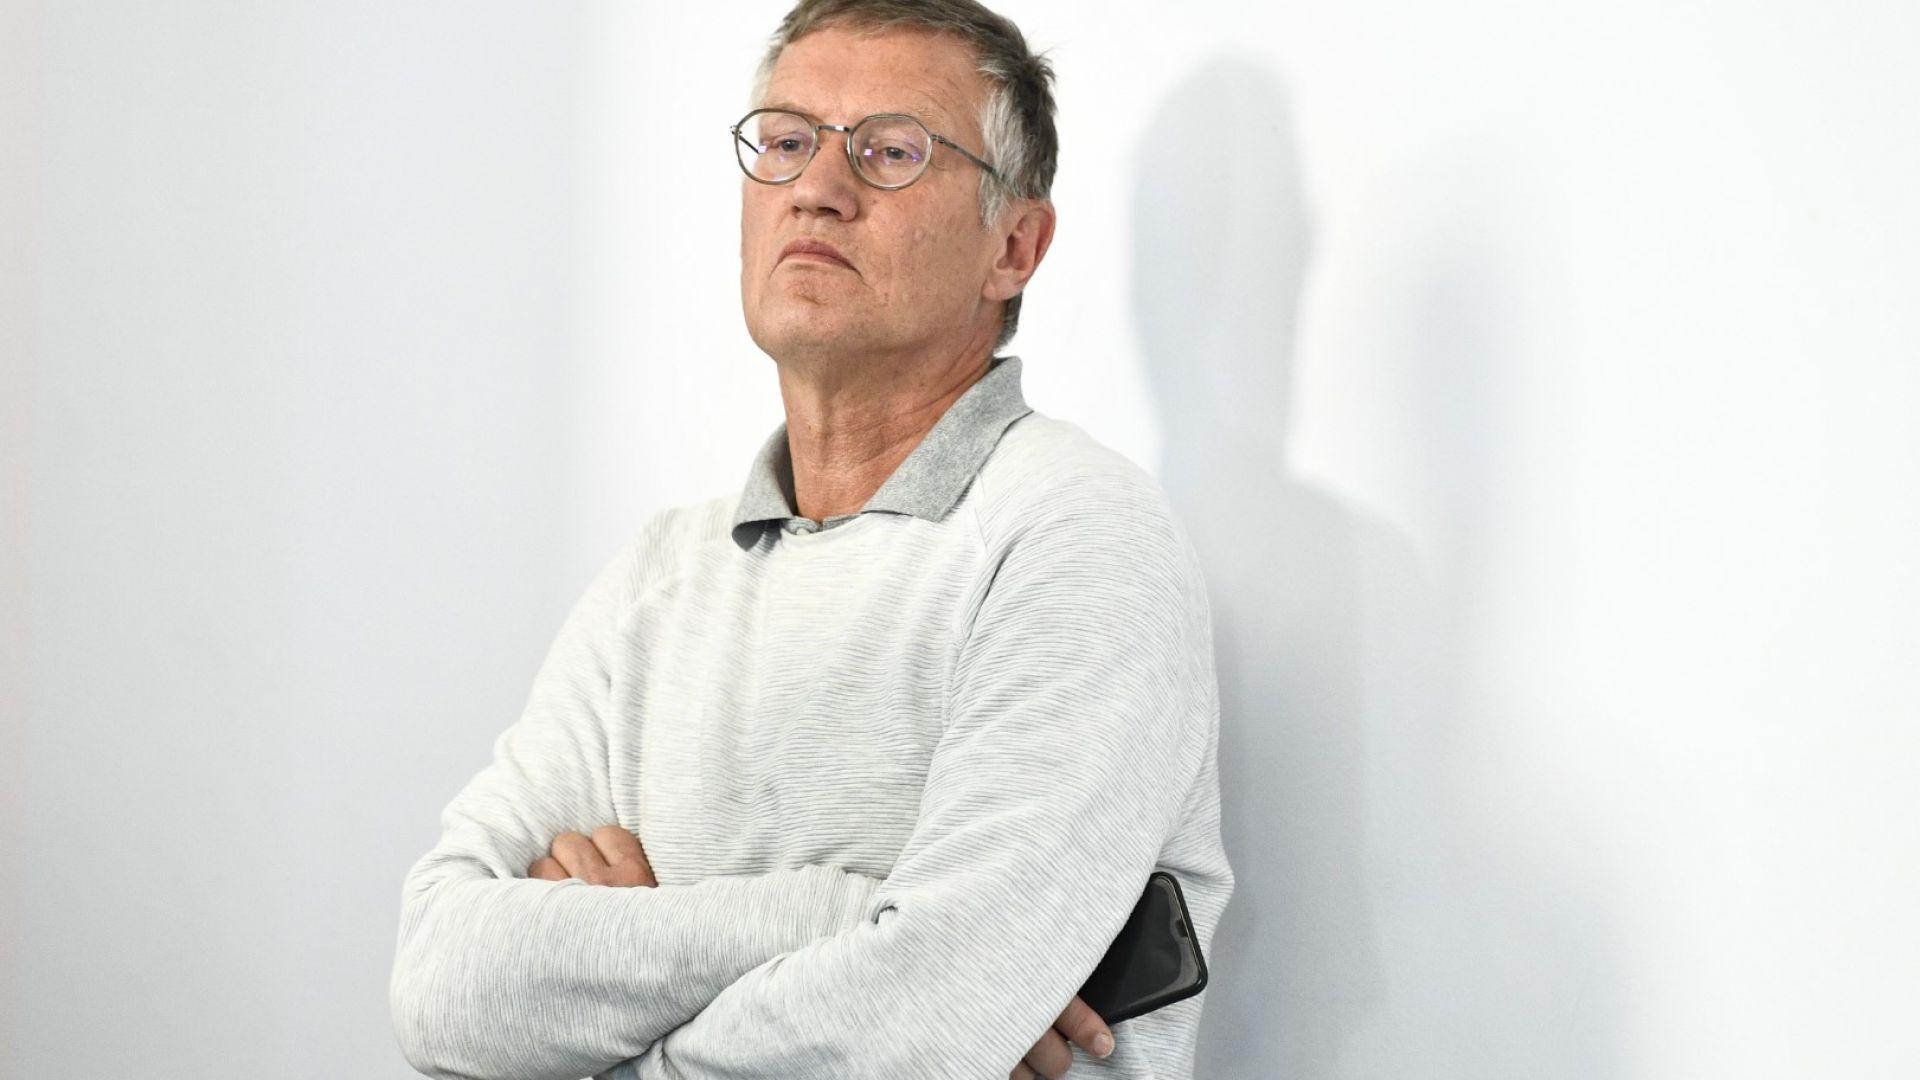 Главният епидемиолог на Швеция призна за голямата смъртност